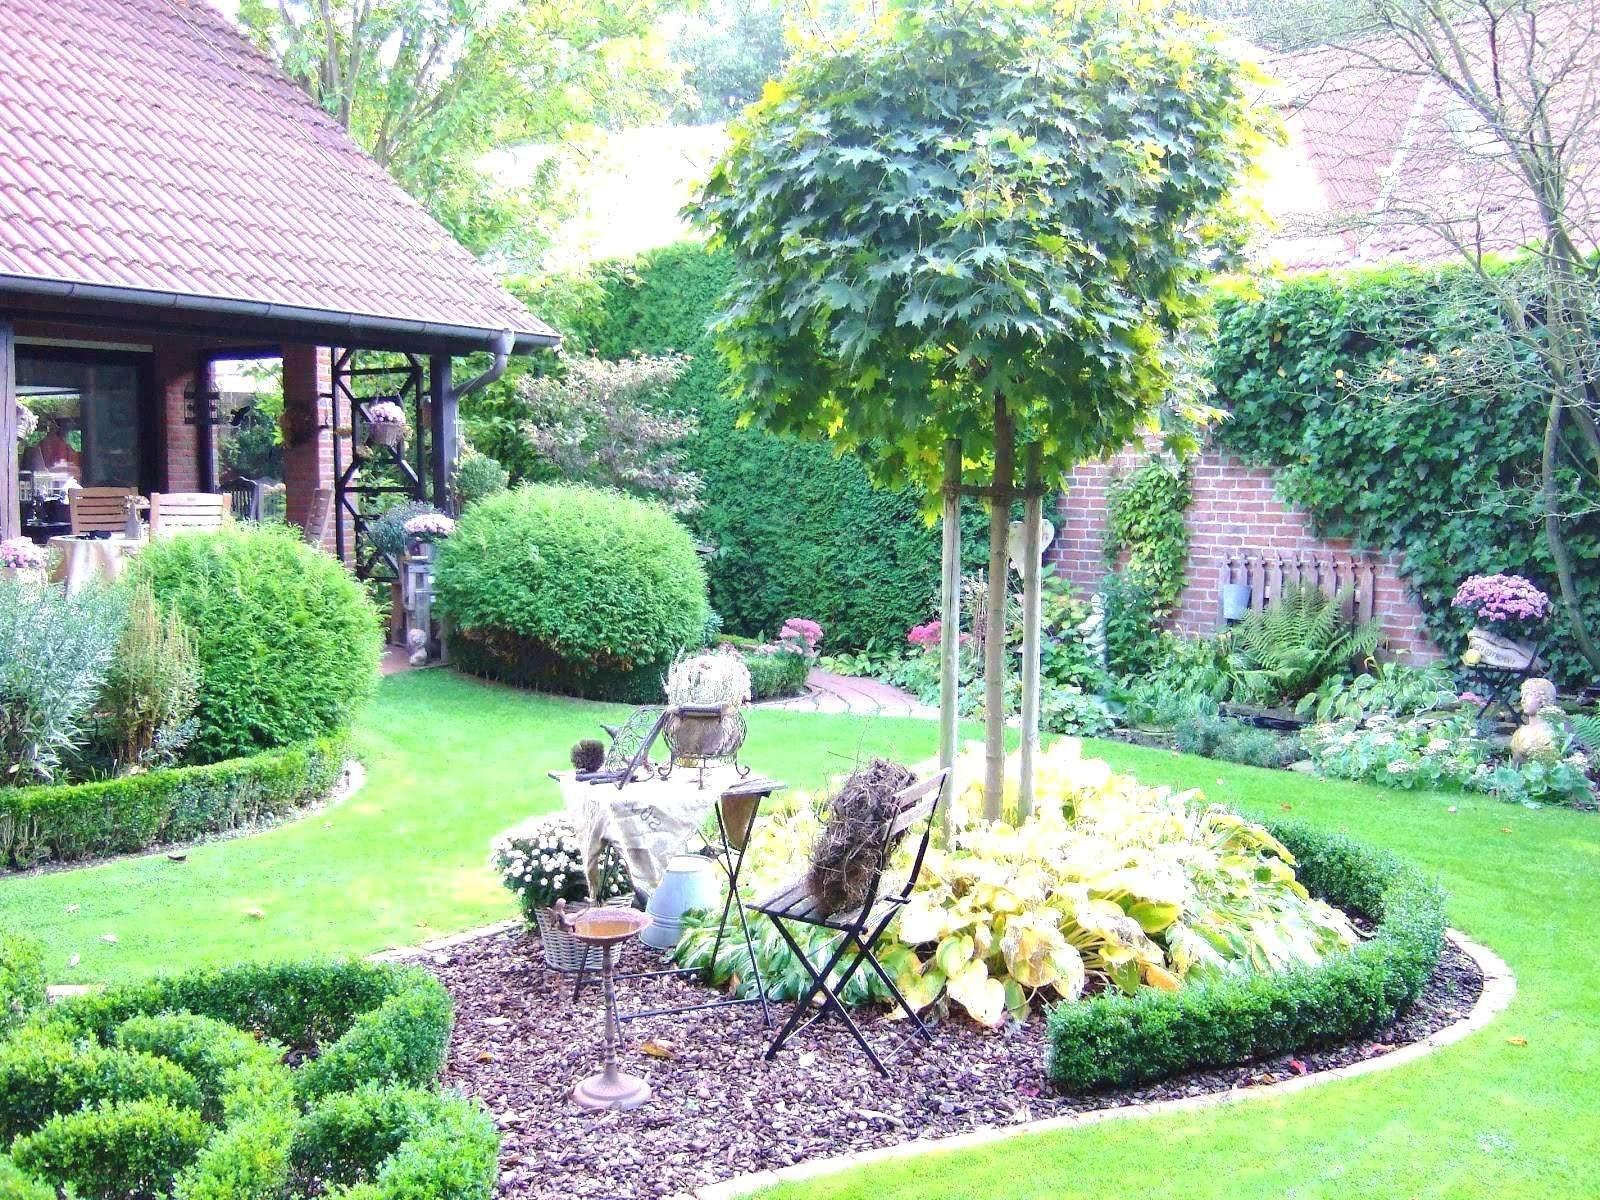 Garten Wandgestaltung Genial Garten Ideas Garten Anlegen Inspirational Aussenleuchten